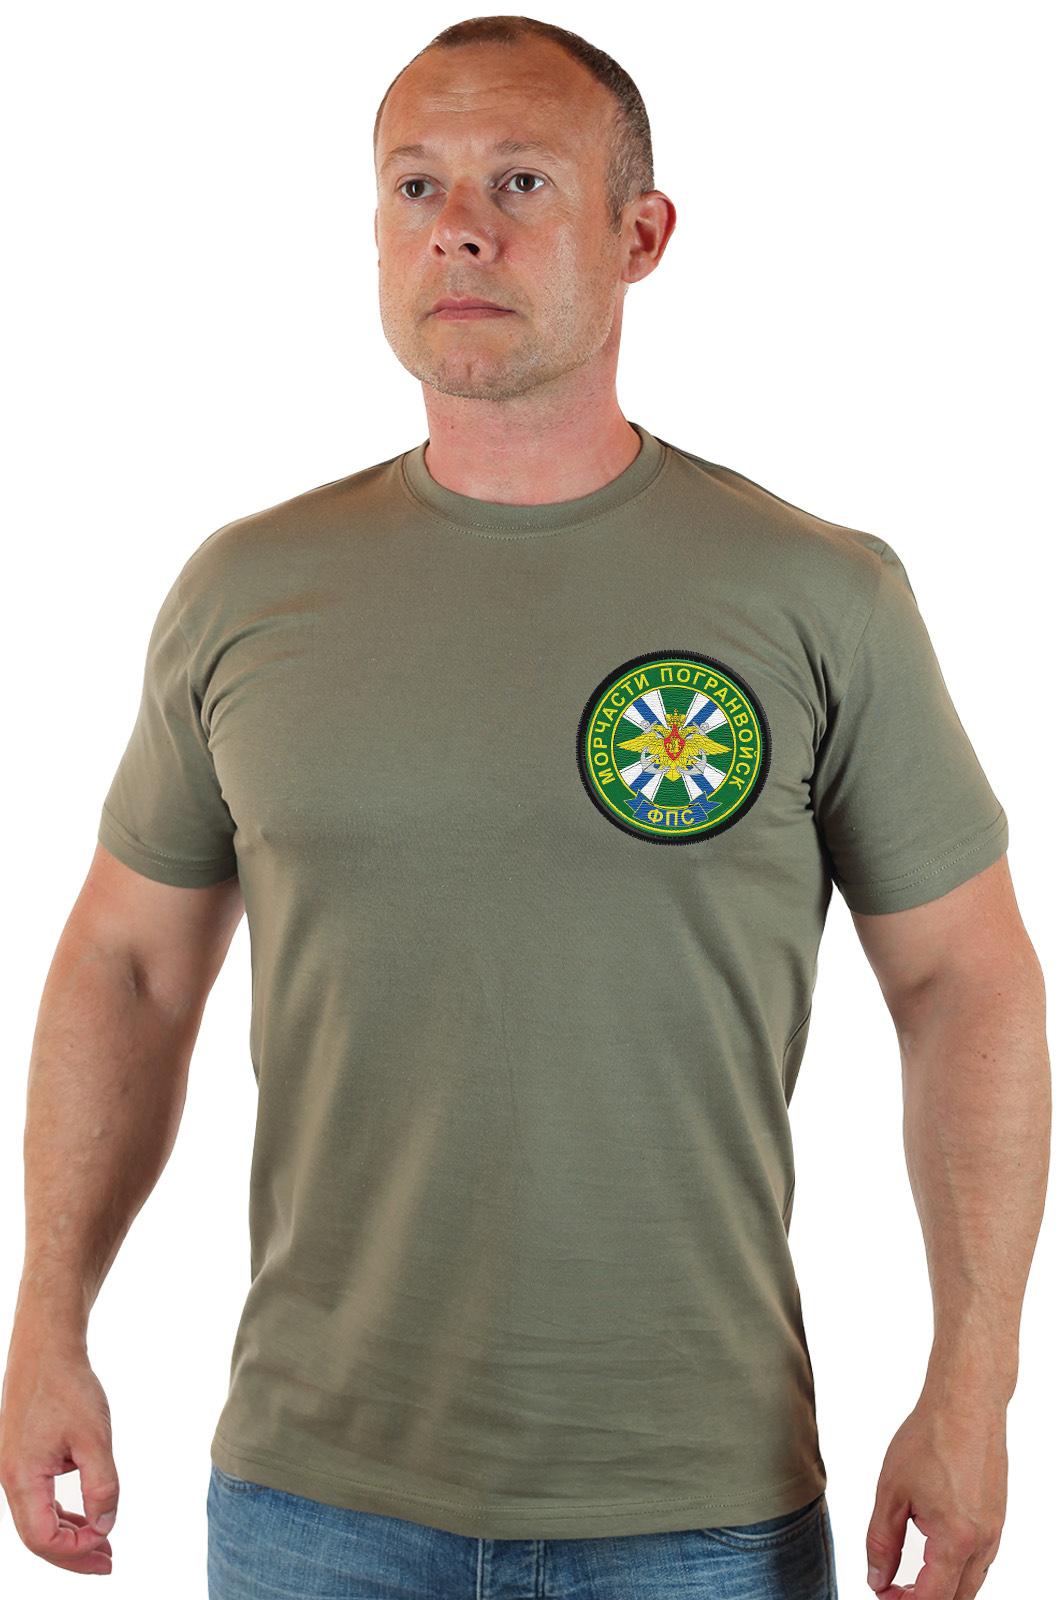 Мужская оливковая футболка Морчасти Погранвойск ФПС